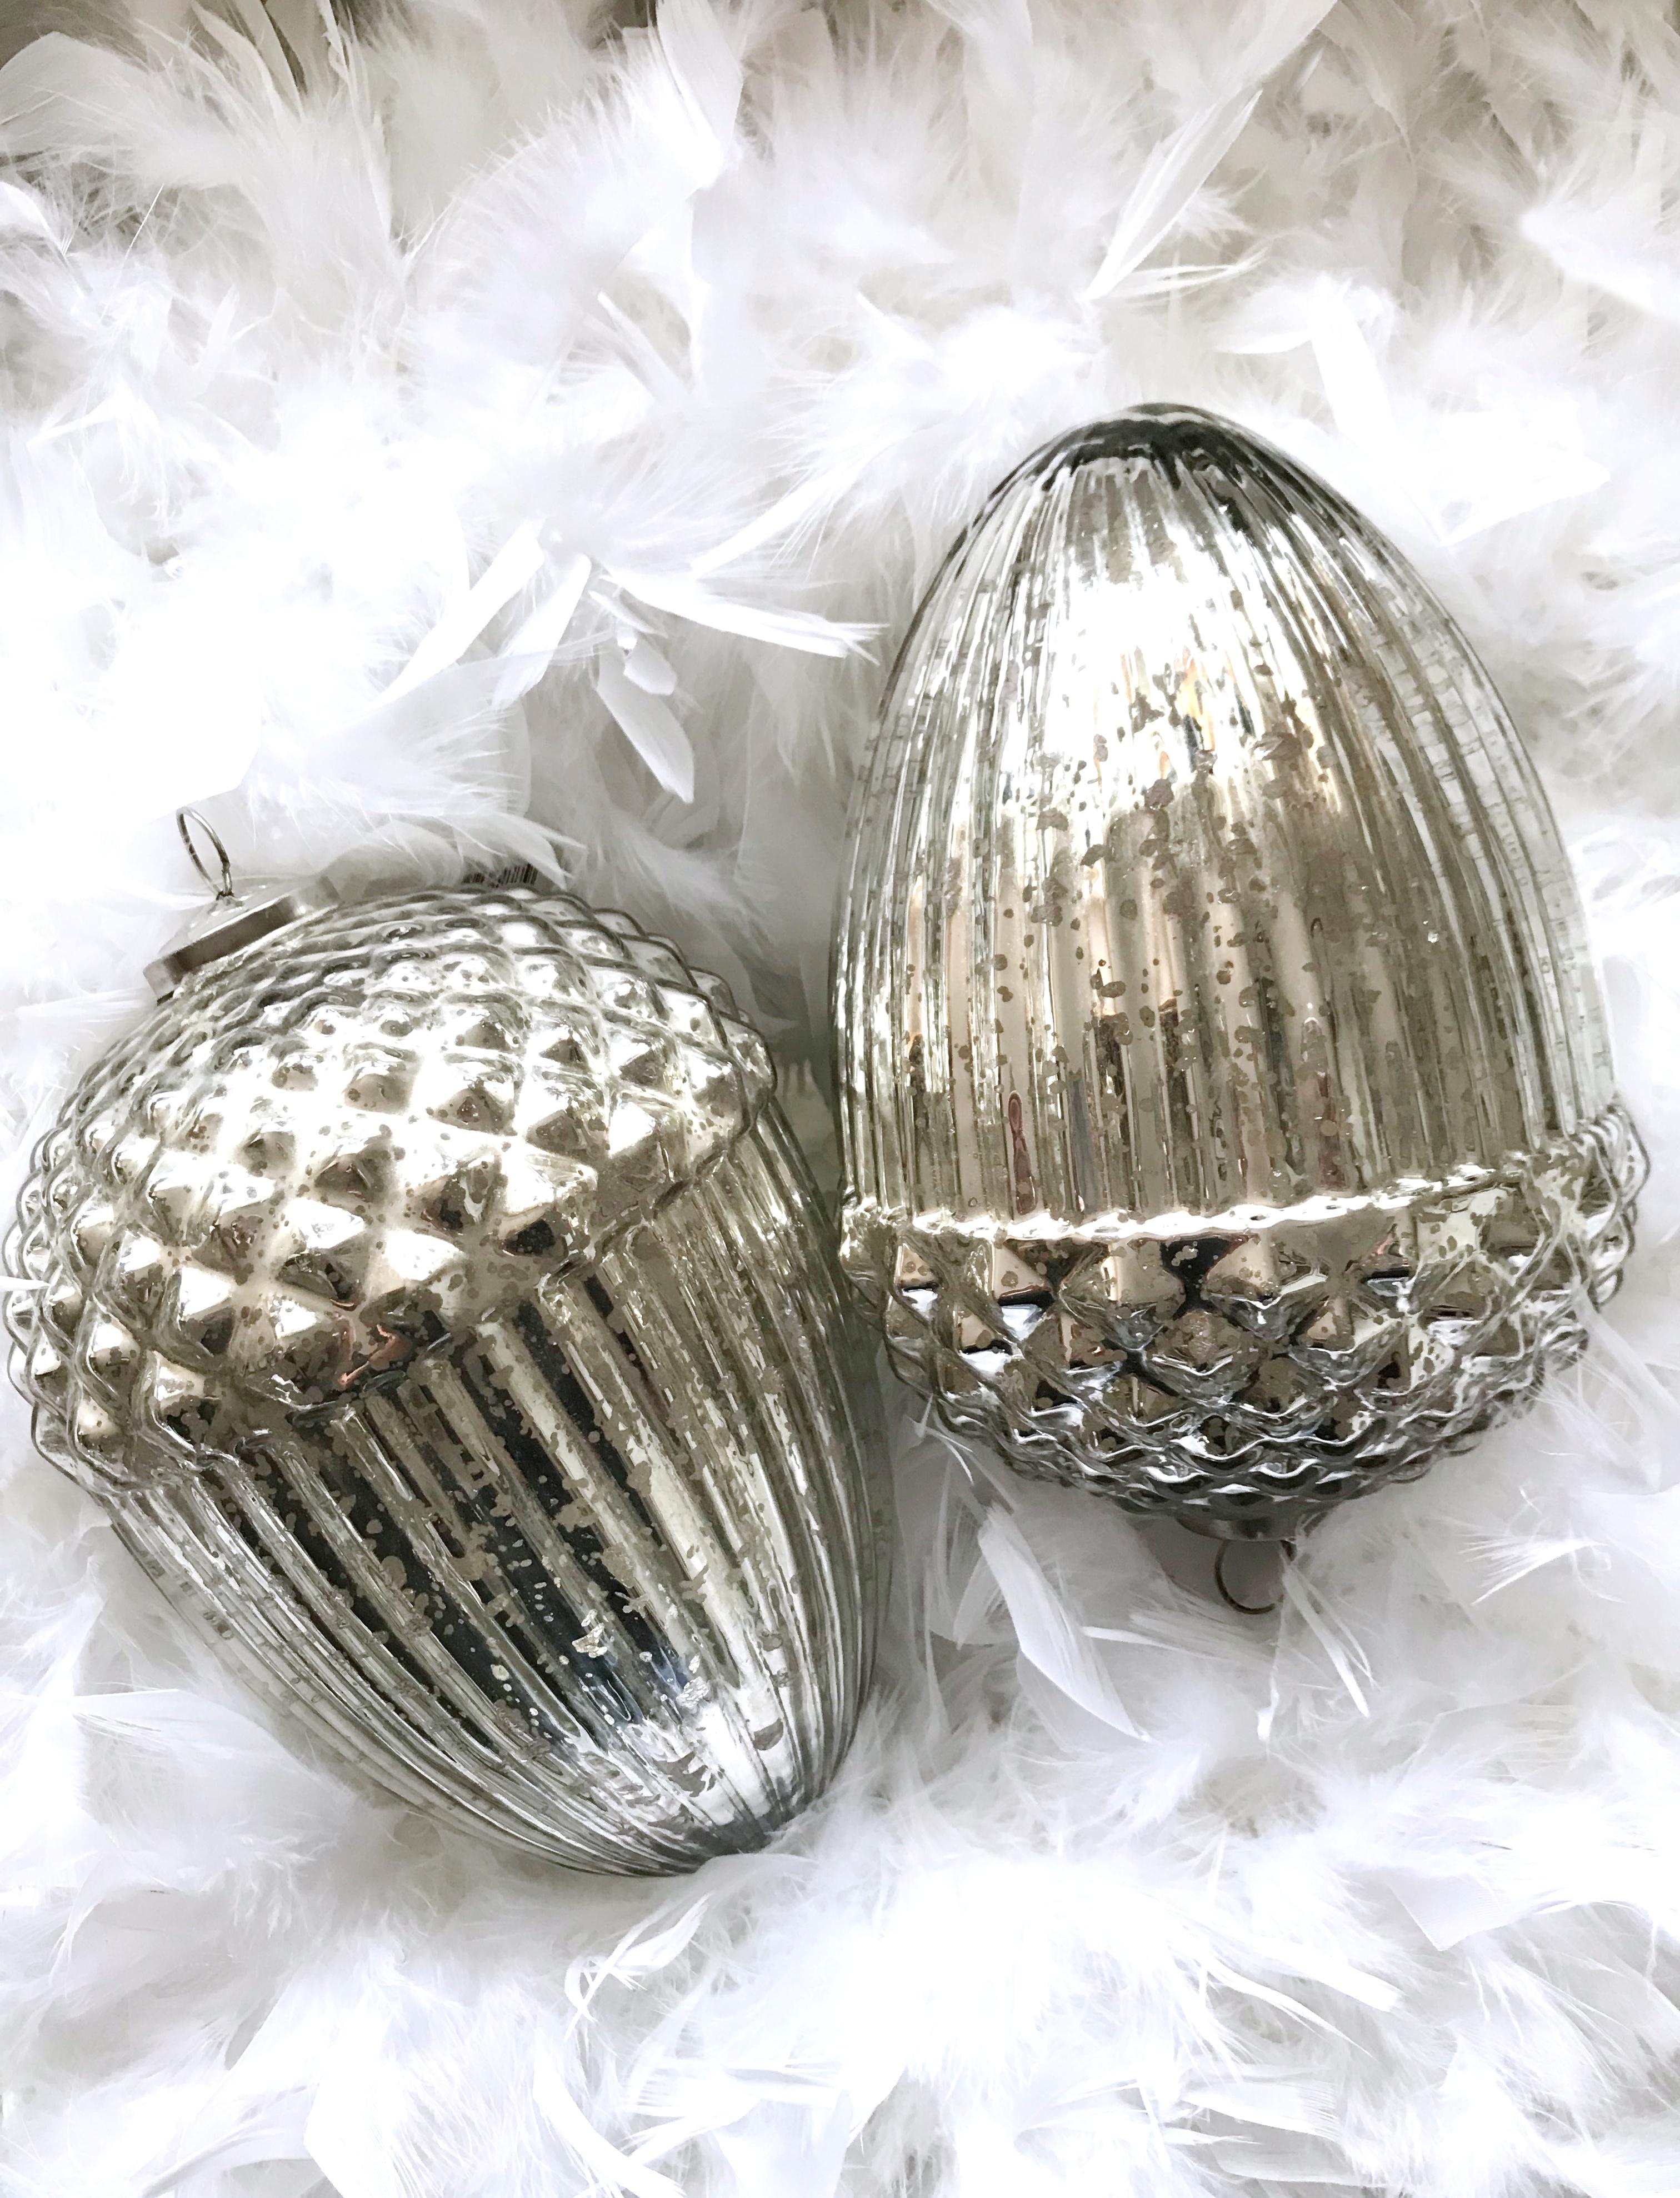 Eichel Tannenzapfen Bauernsilber Glas silber antik Weihnachtsschmuck ...